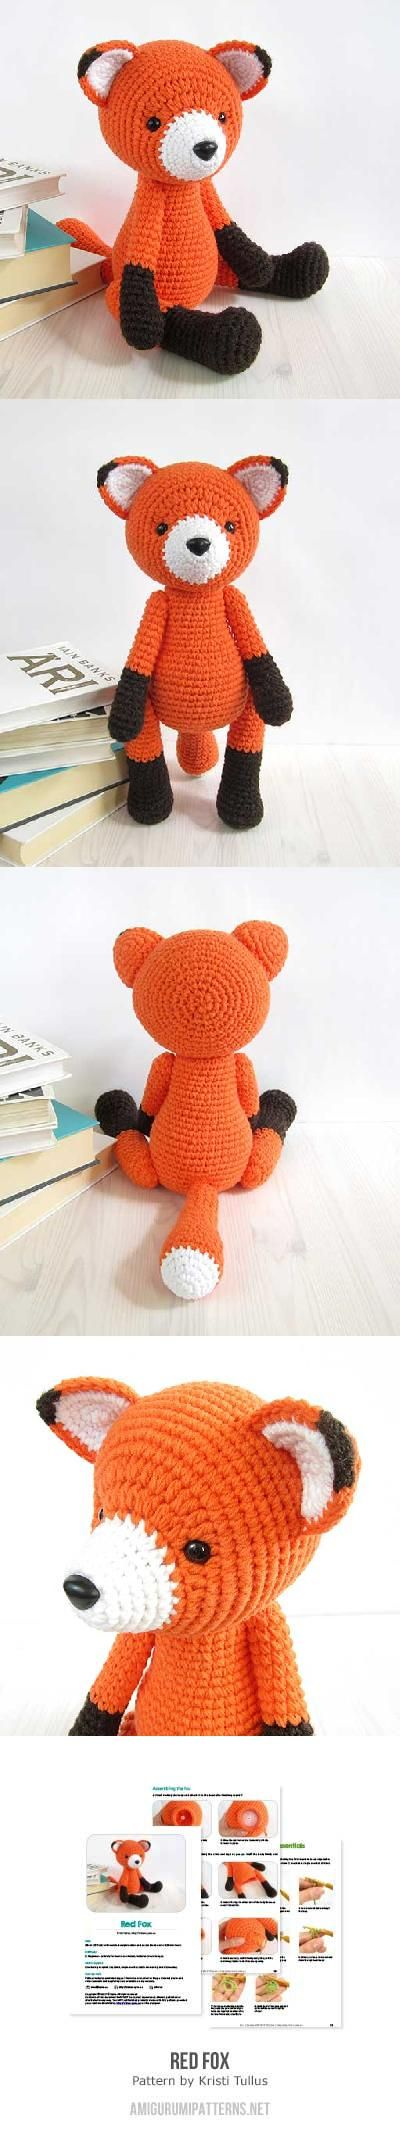 Red Fox Amigurumi Pattern